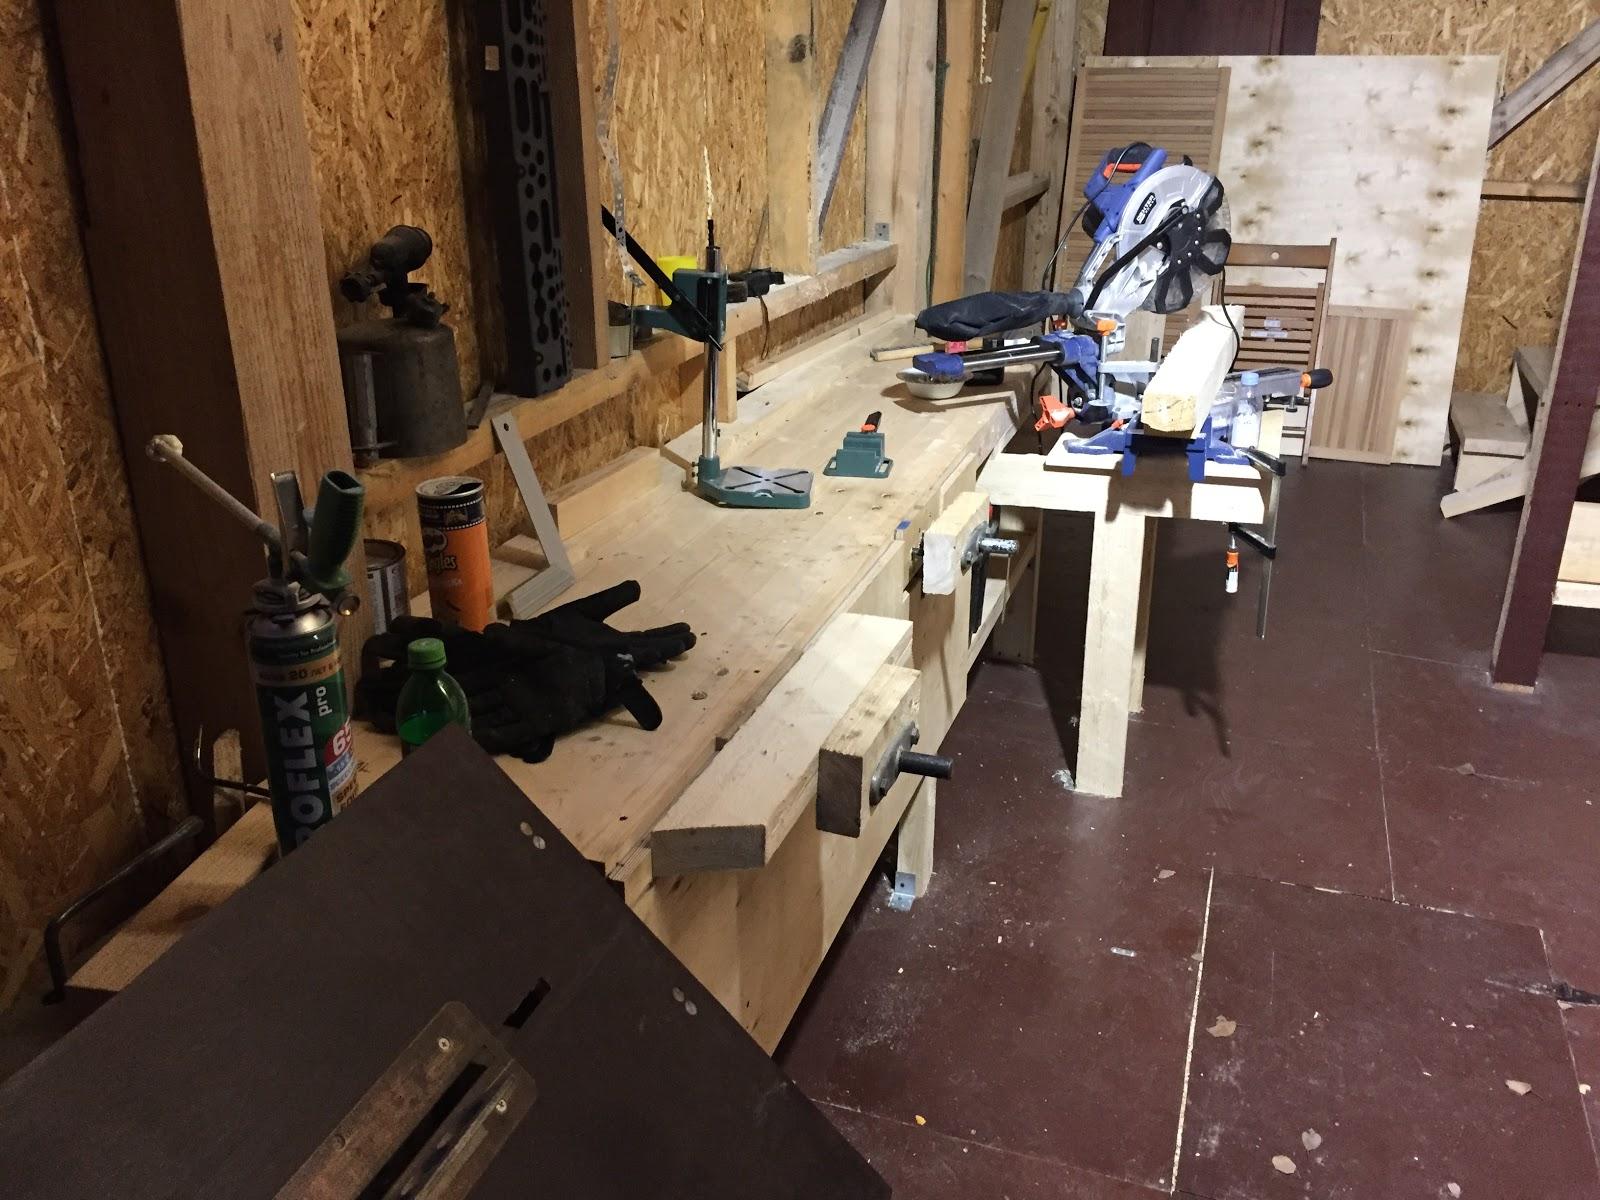 Столярная мастерская своими руками: ожидания и реальность - 1